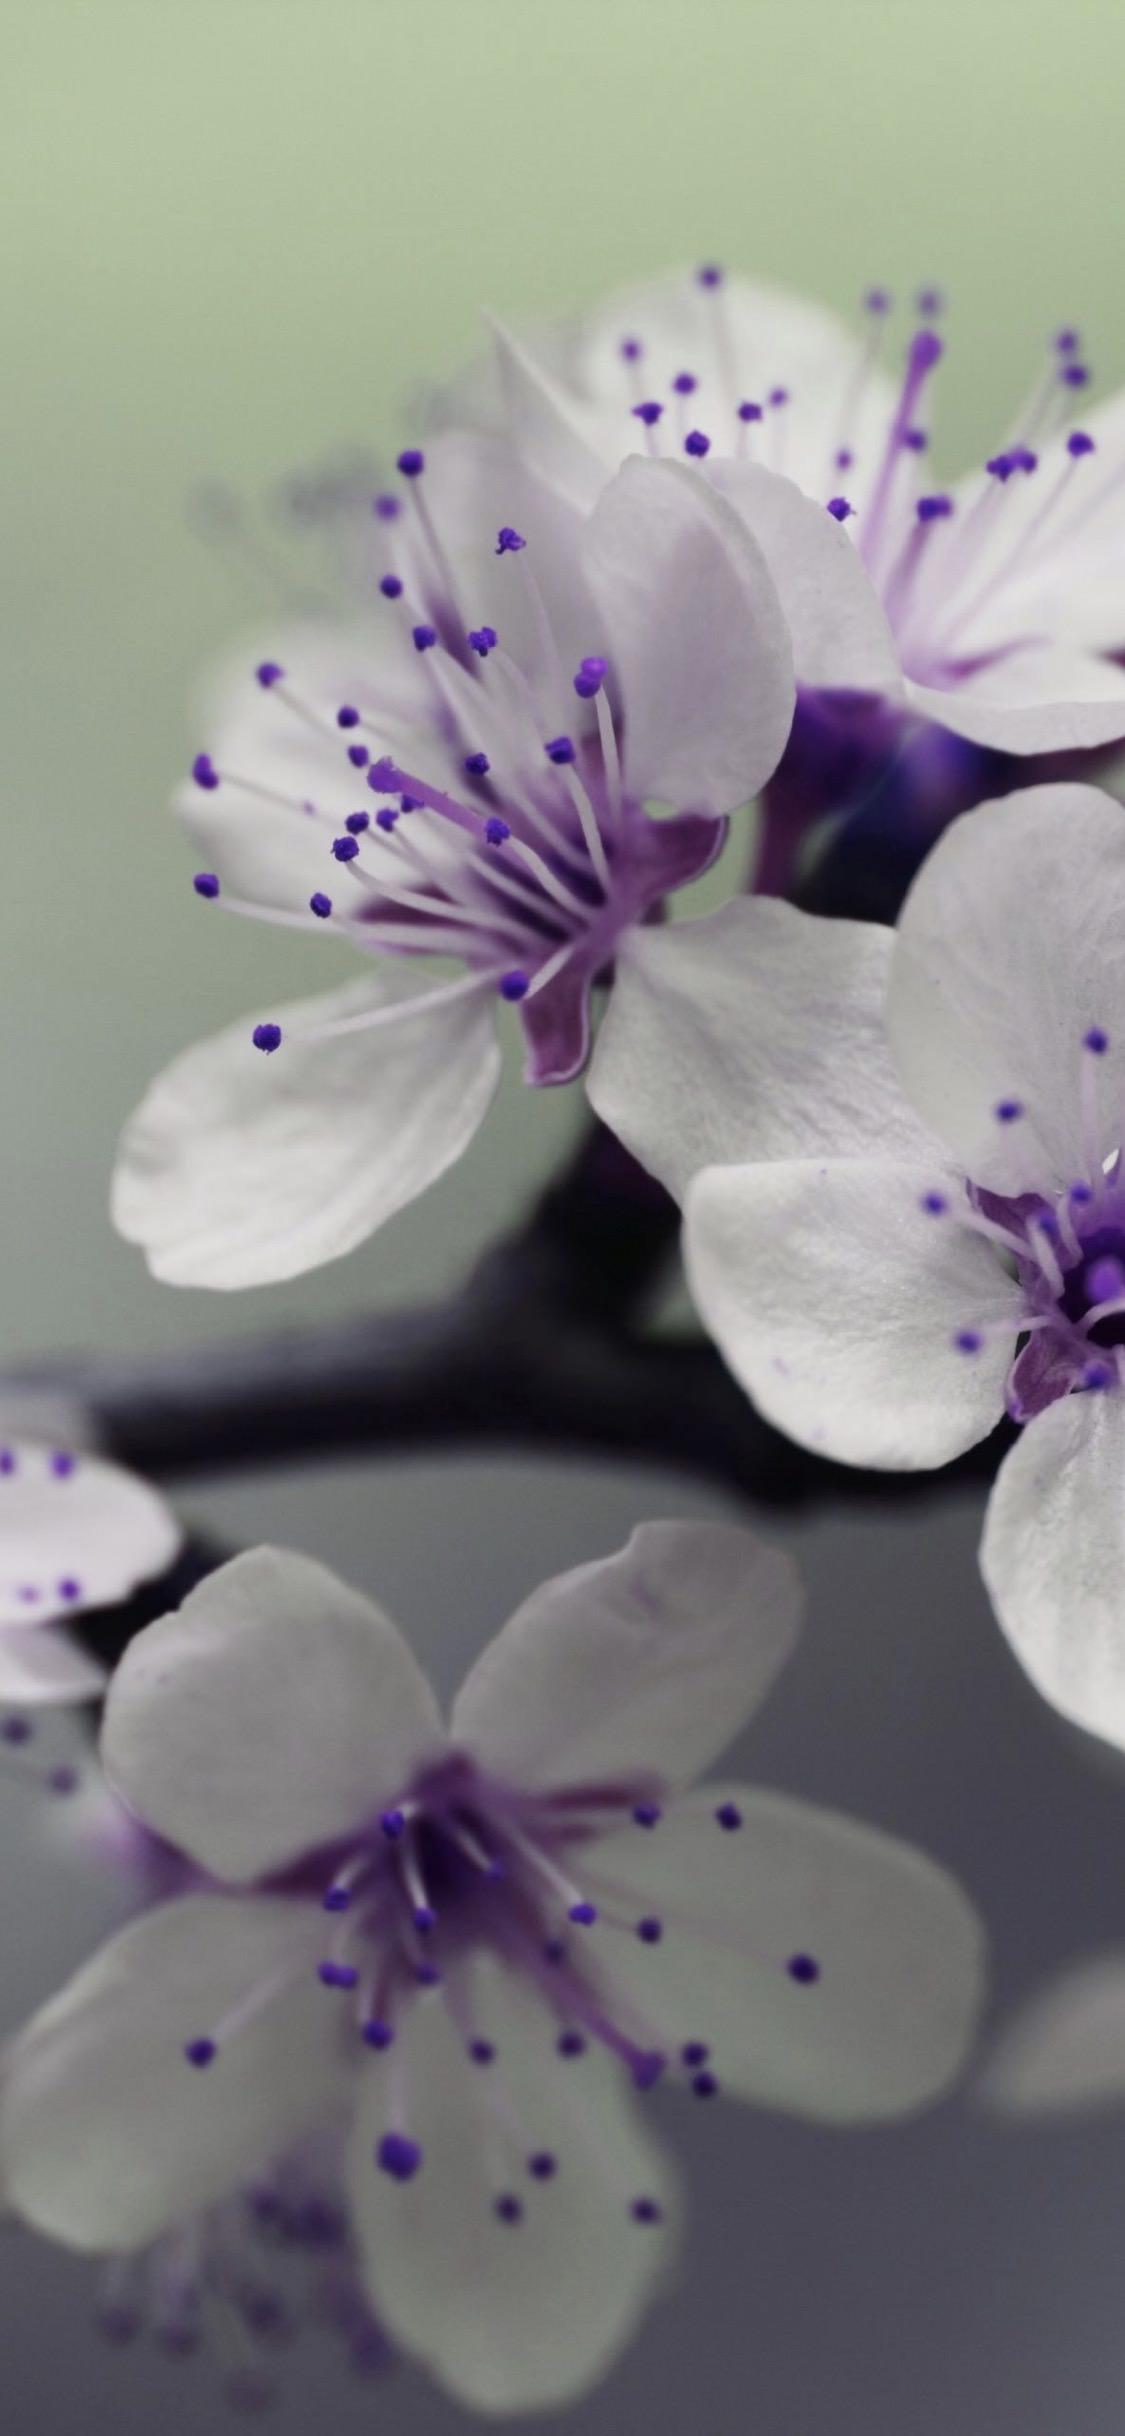 Planta Flores Purpura Blanca Wallpaper Sc Iphonexs